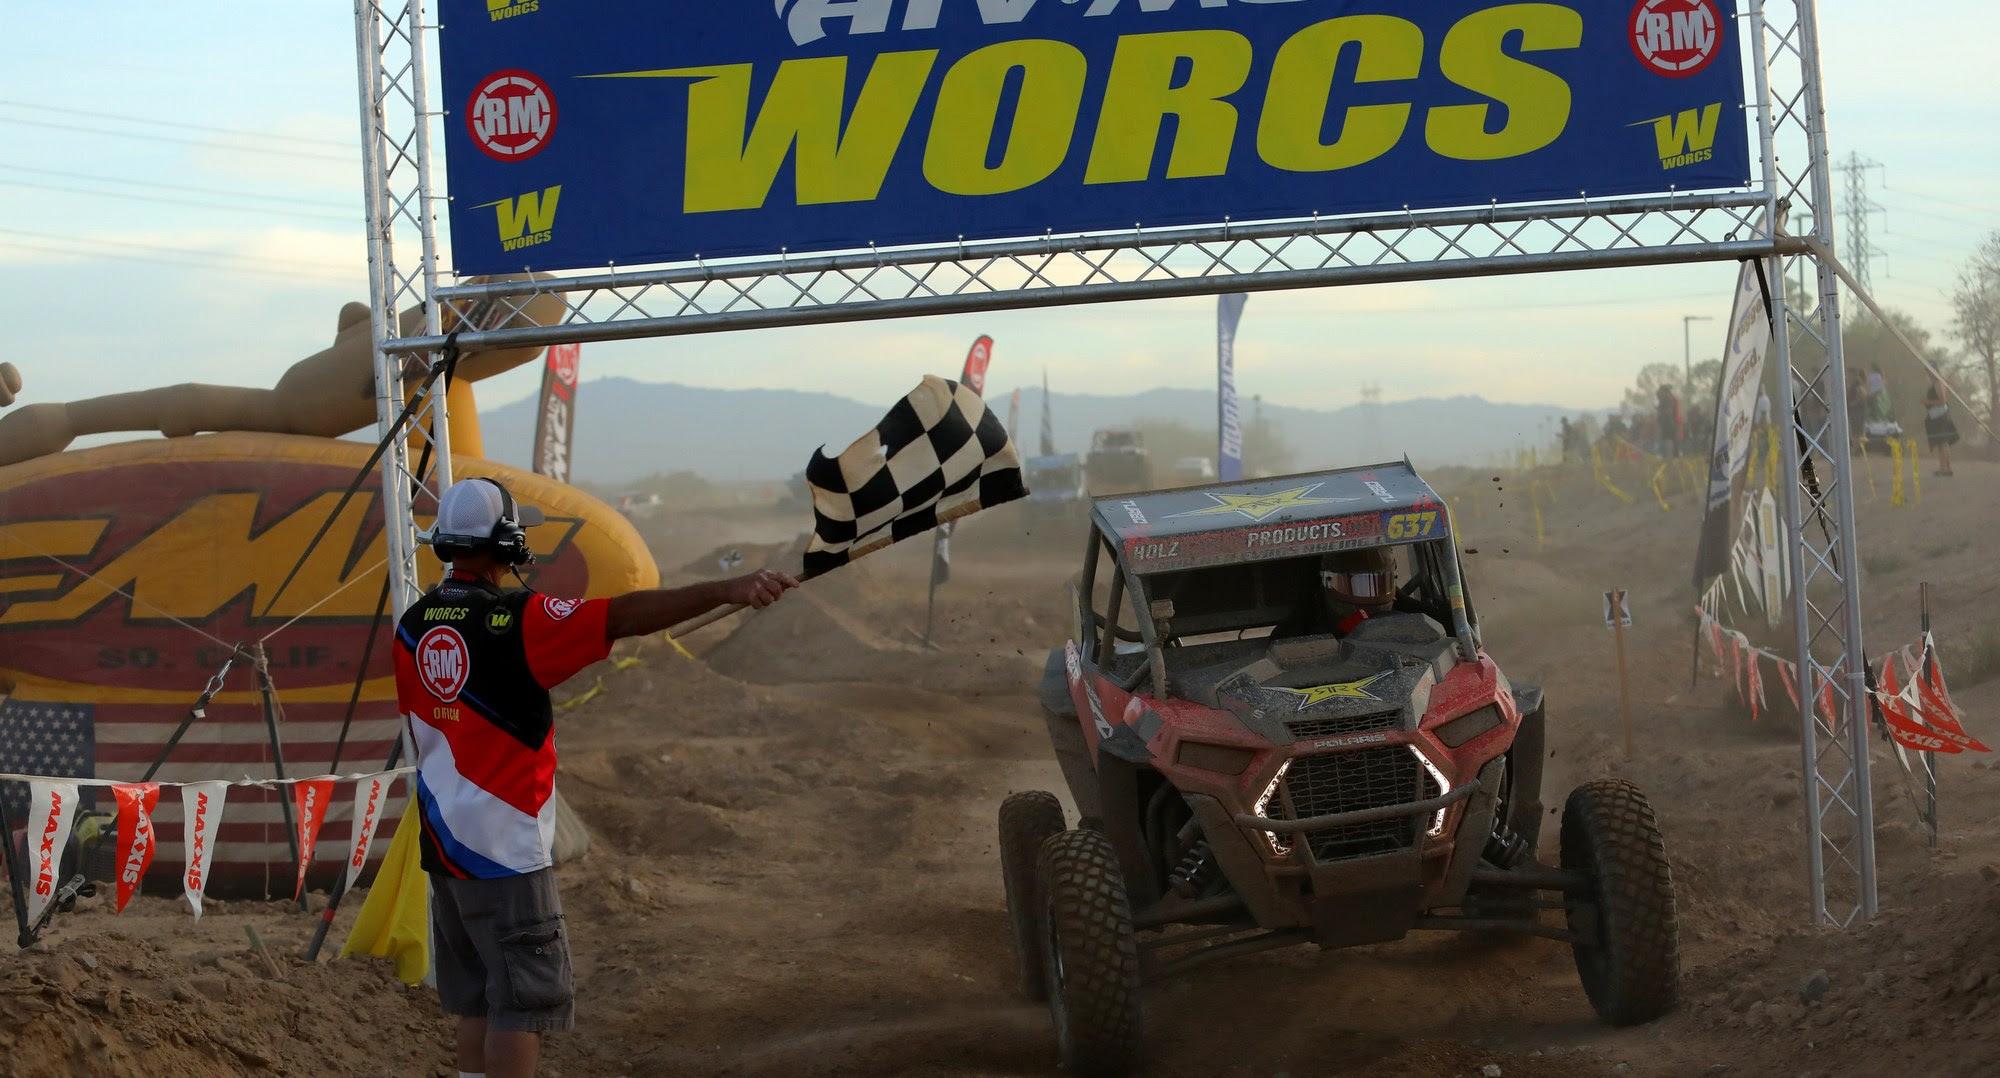 2018-09-rj-anderson-desert-finish-utv-worcs-racing